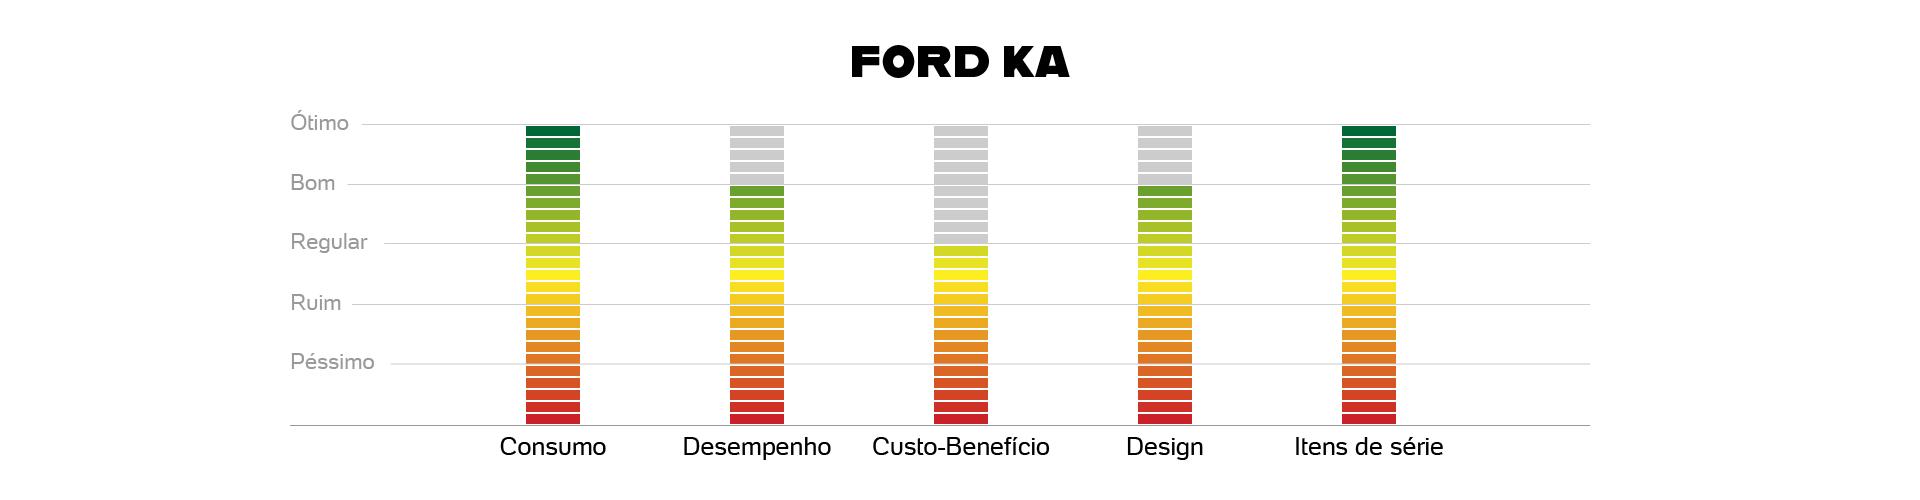 {height=0, width=0, src=https://conteudo.imguol.com.br/c/especiais/carros/2019/ford-ka/avaliados-mob.jpg}